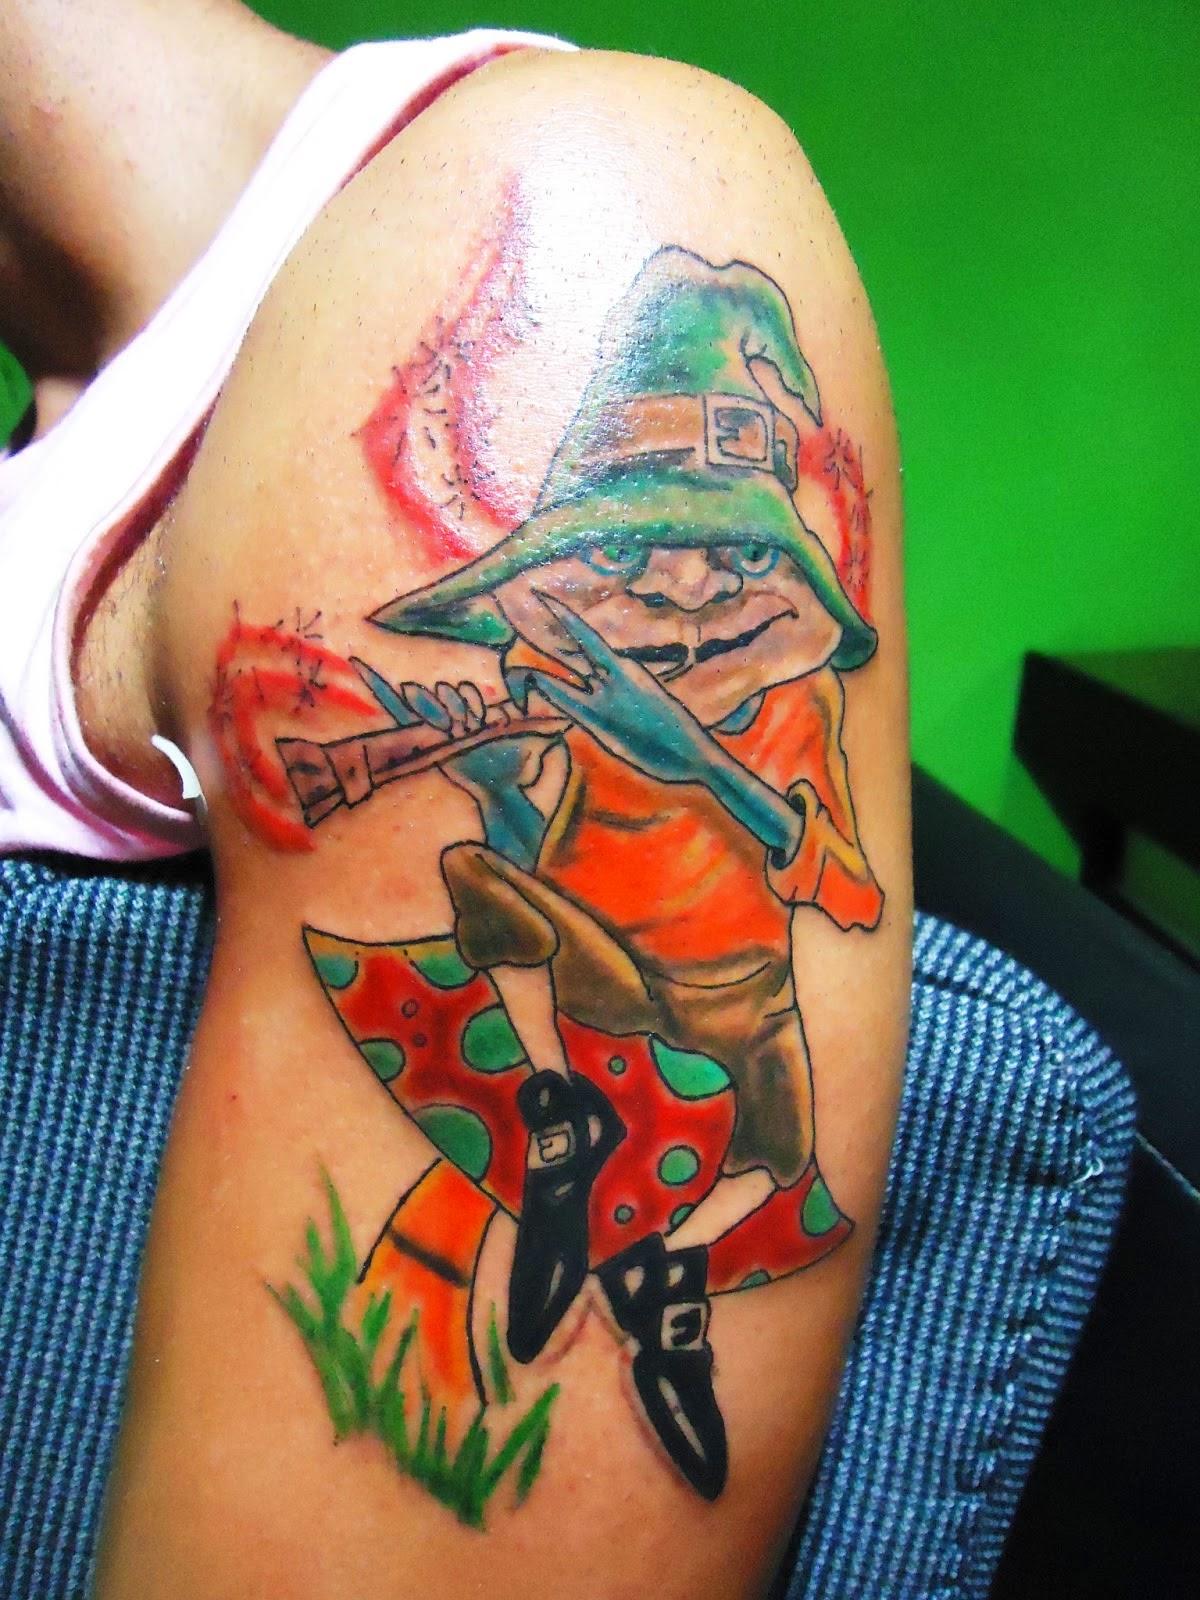 Tatuajes de duendes en el brazo tatuaje original fotos - Tattoo disenos a color ...